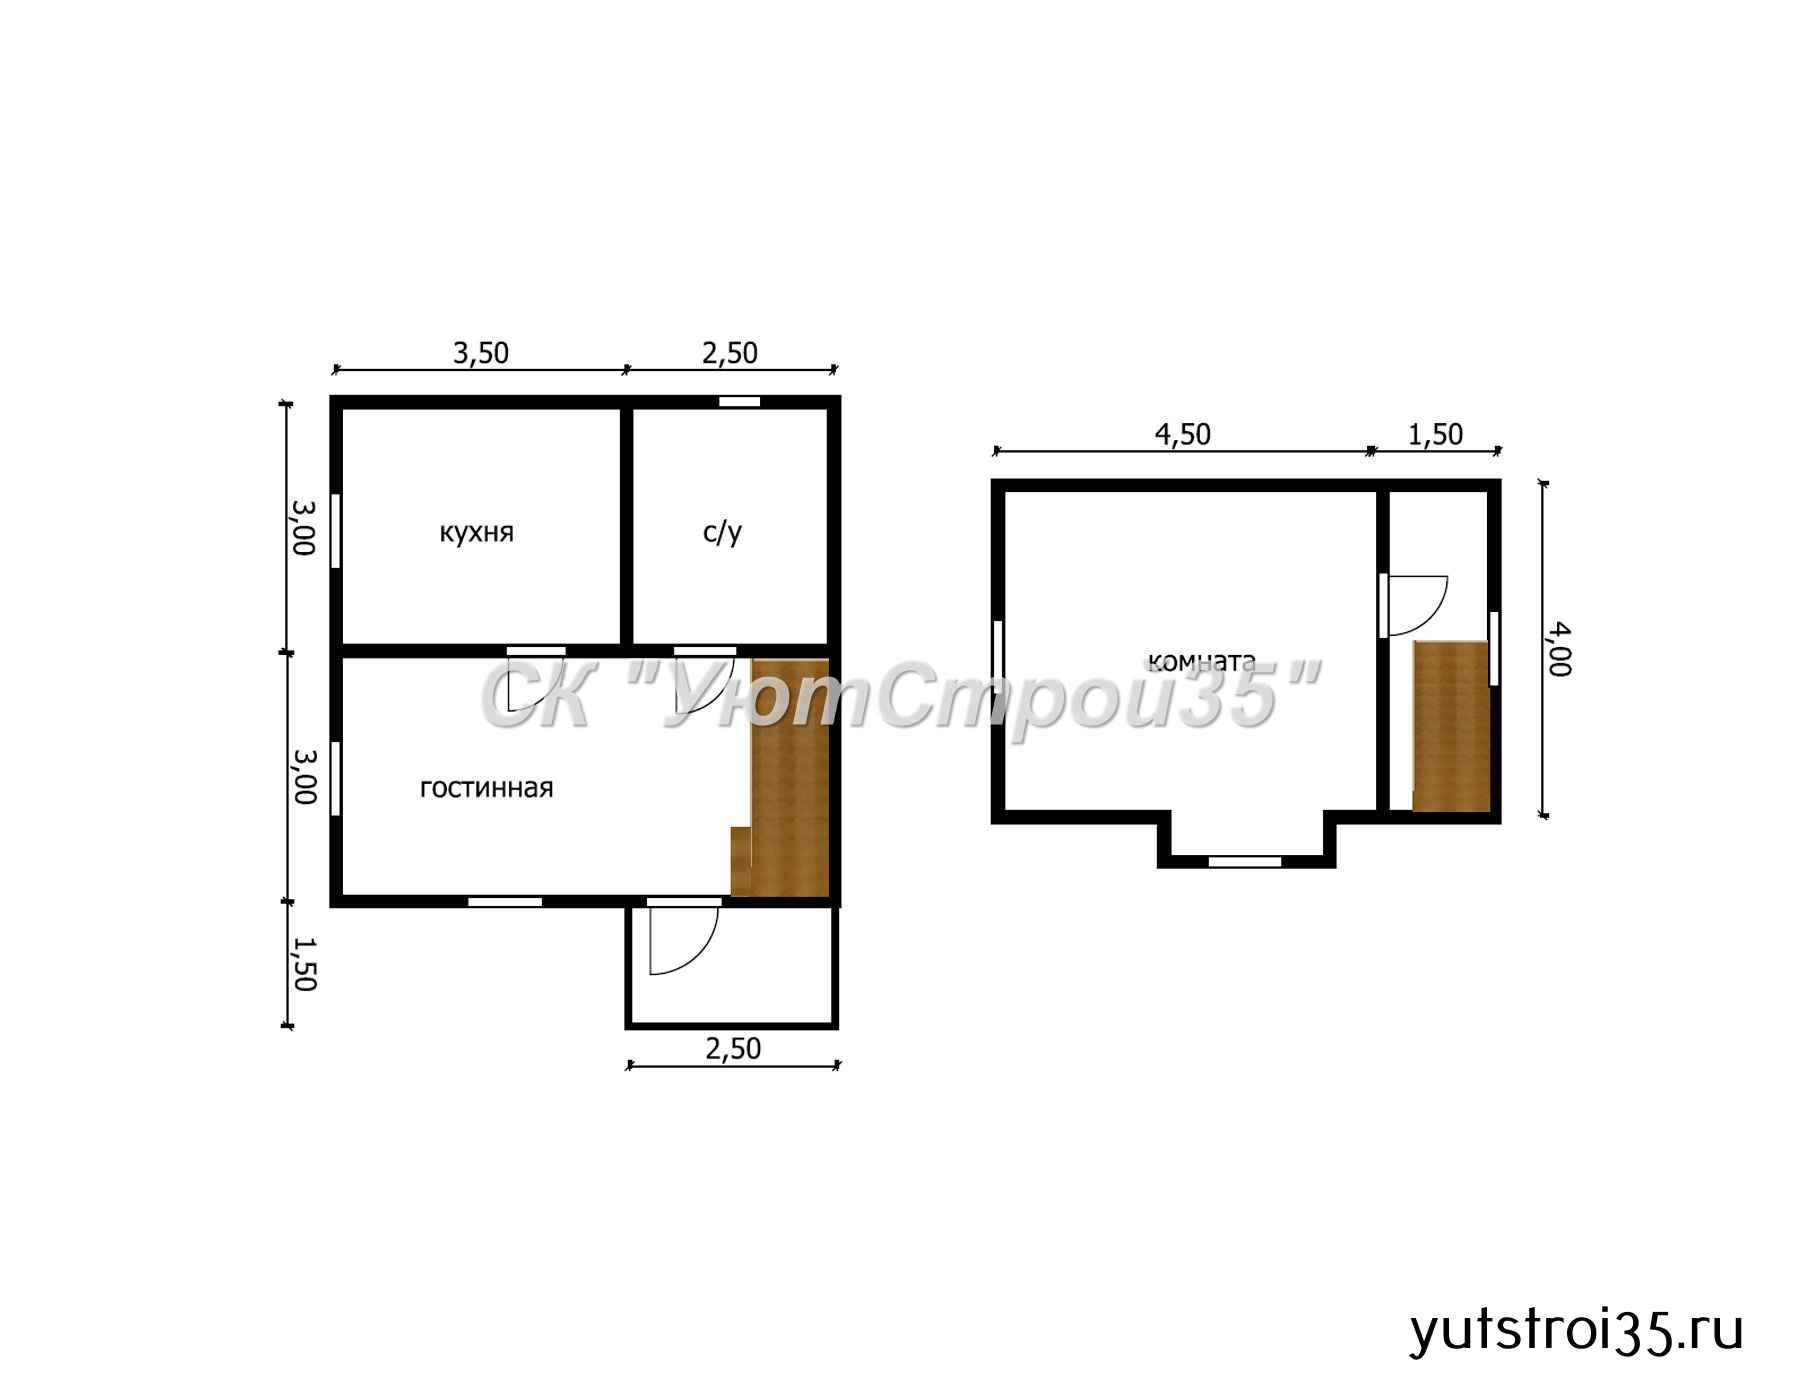 Каркасный дом 6х6 м под ключ К9